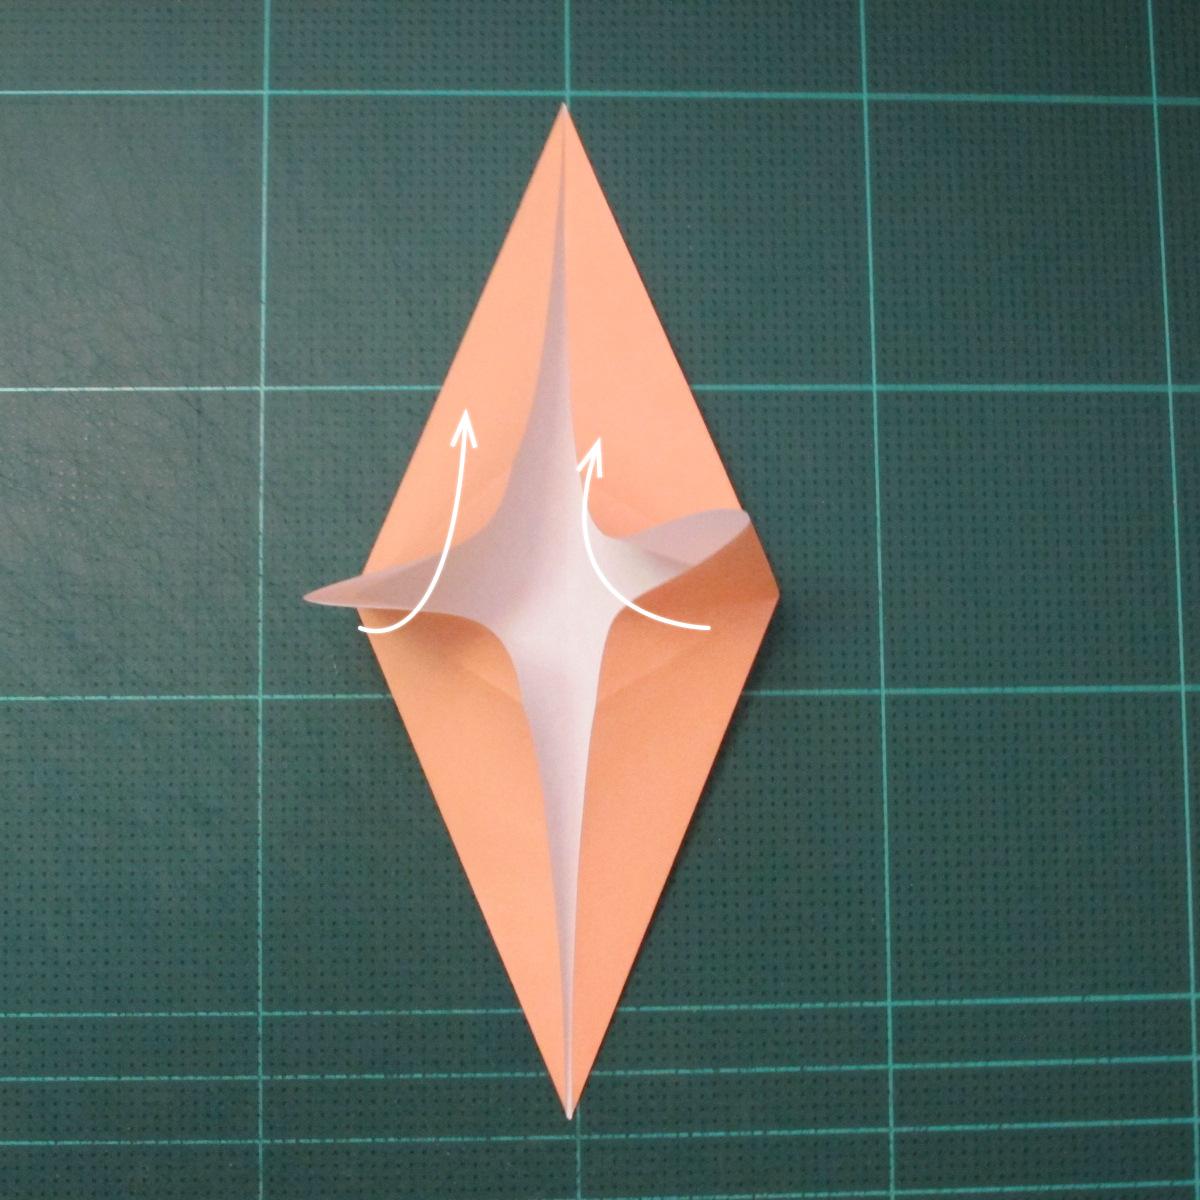 วิธีพับกระดาษเป็นรูปปลาโลมาแบบง่าย (Easy Origami Dolphin) 004